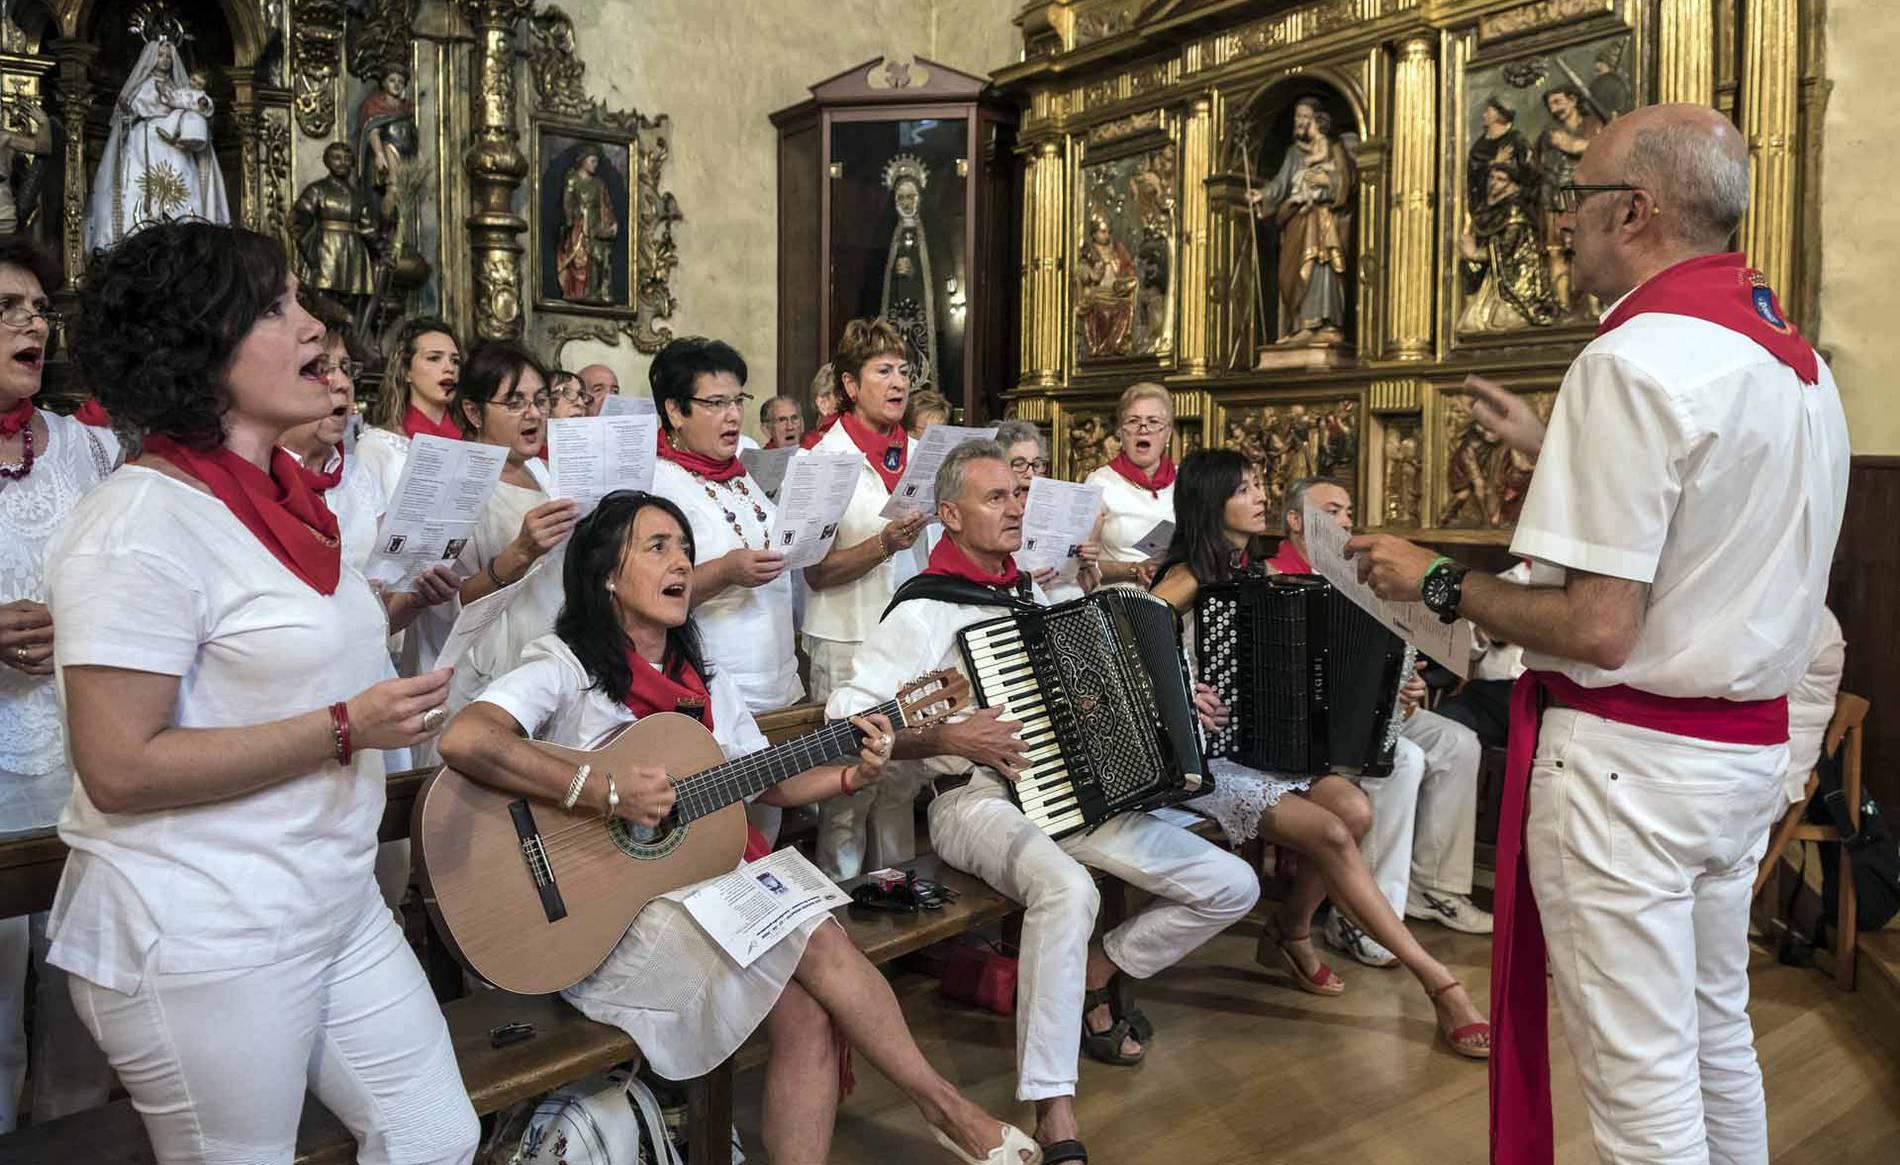 Día de San Ramón de las fiestas de Lumbier. (1/18) - Imágenes del día del patrón de las fiestas de Lumbier. - Sangüesa y Merindad -